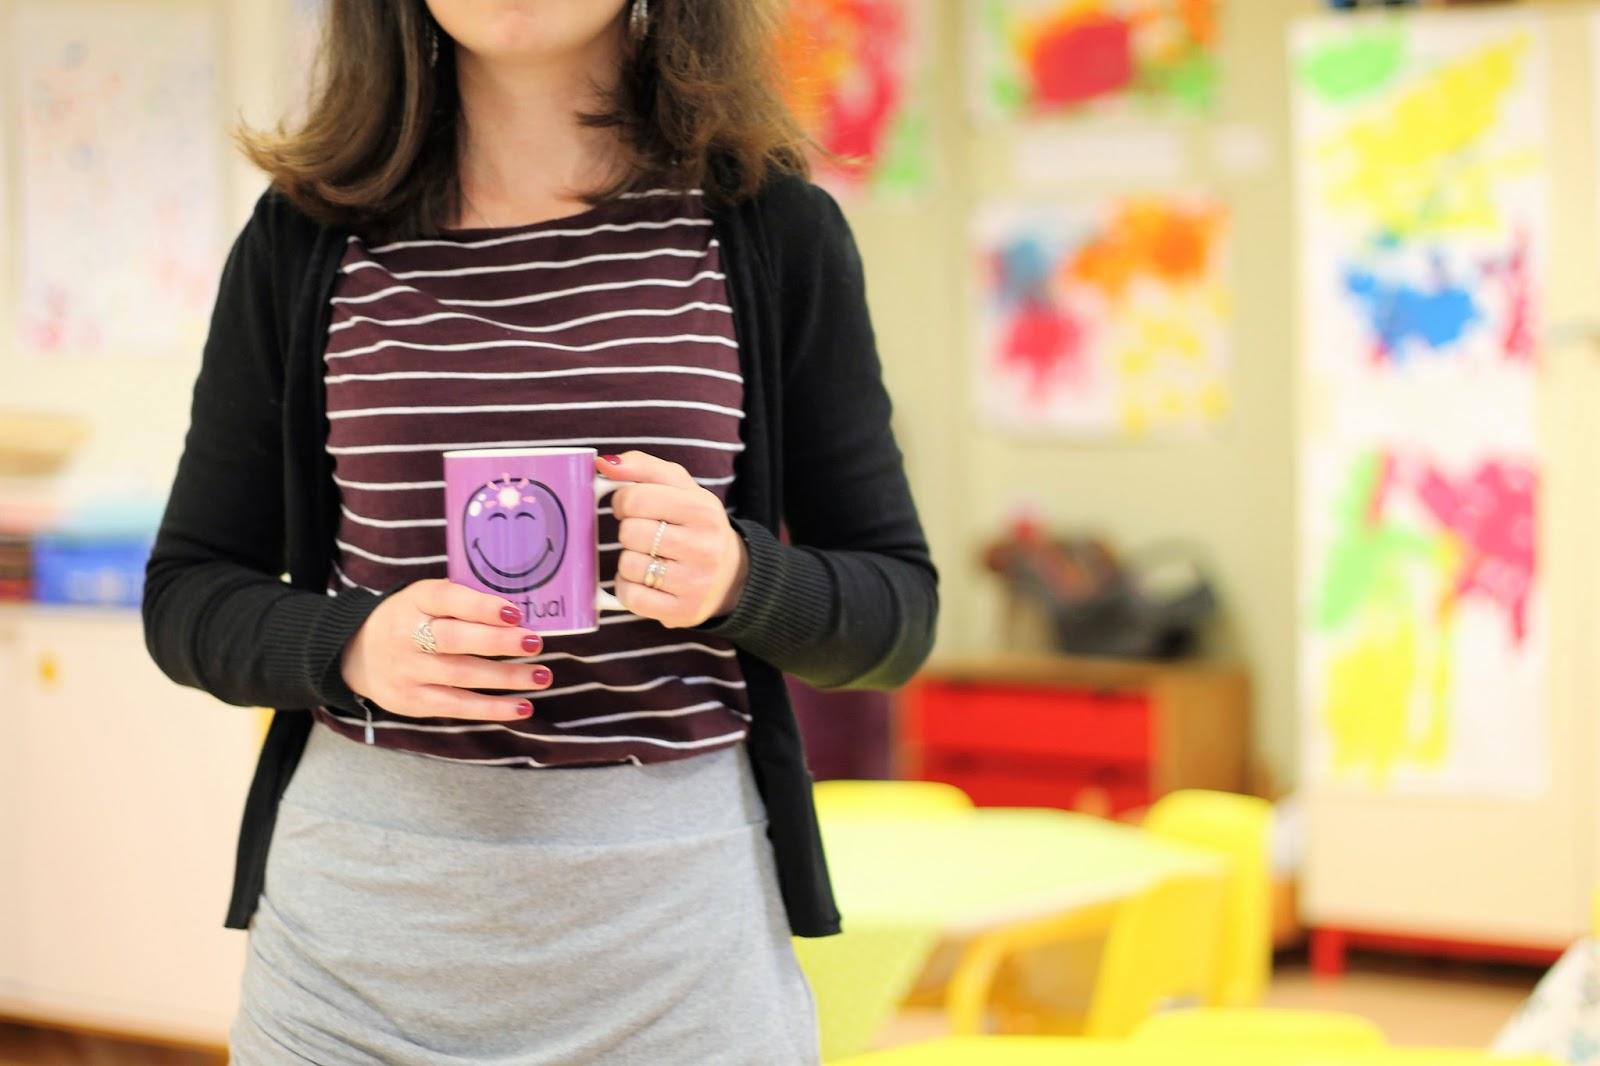 nestea évasion orientale nouveauté nouveau goût saveur arôme thé vert menthe tea time infusion école mug tasse les gommettes de melo melogommette